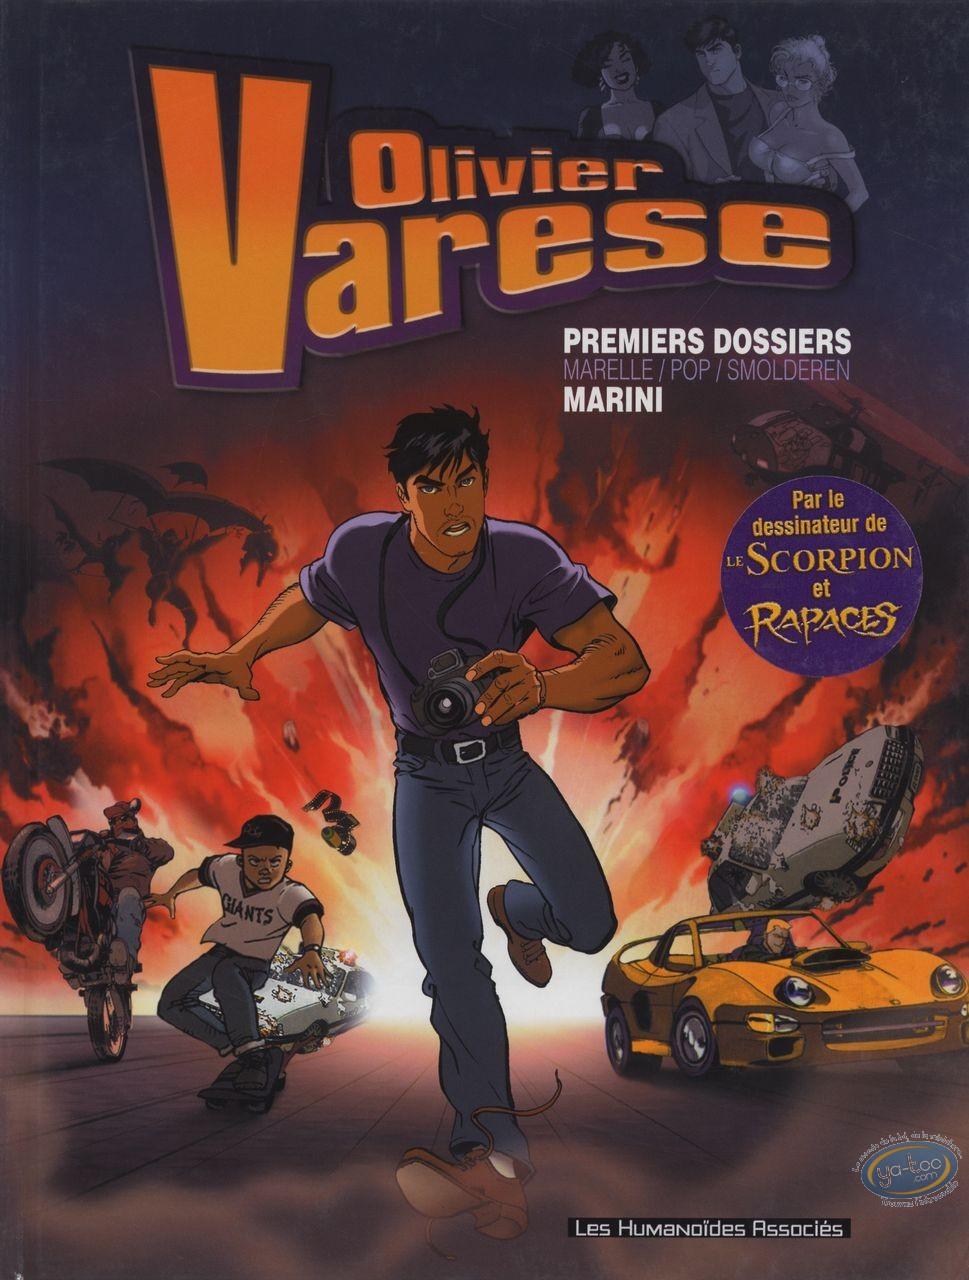 BD occasion, Olivier Varèse : Premiers Dossiers